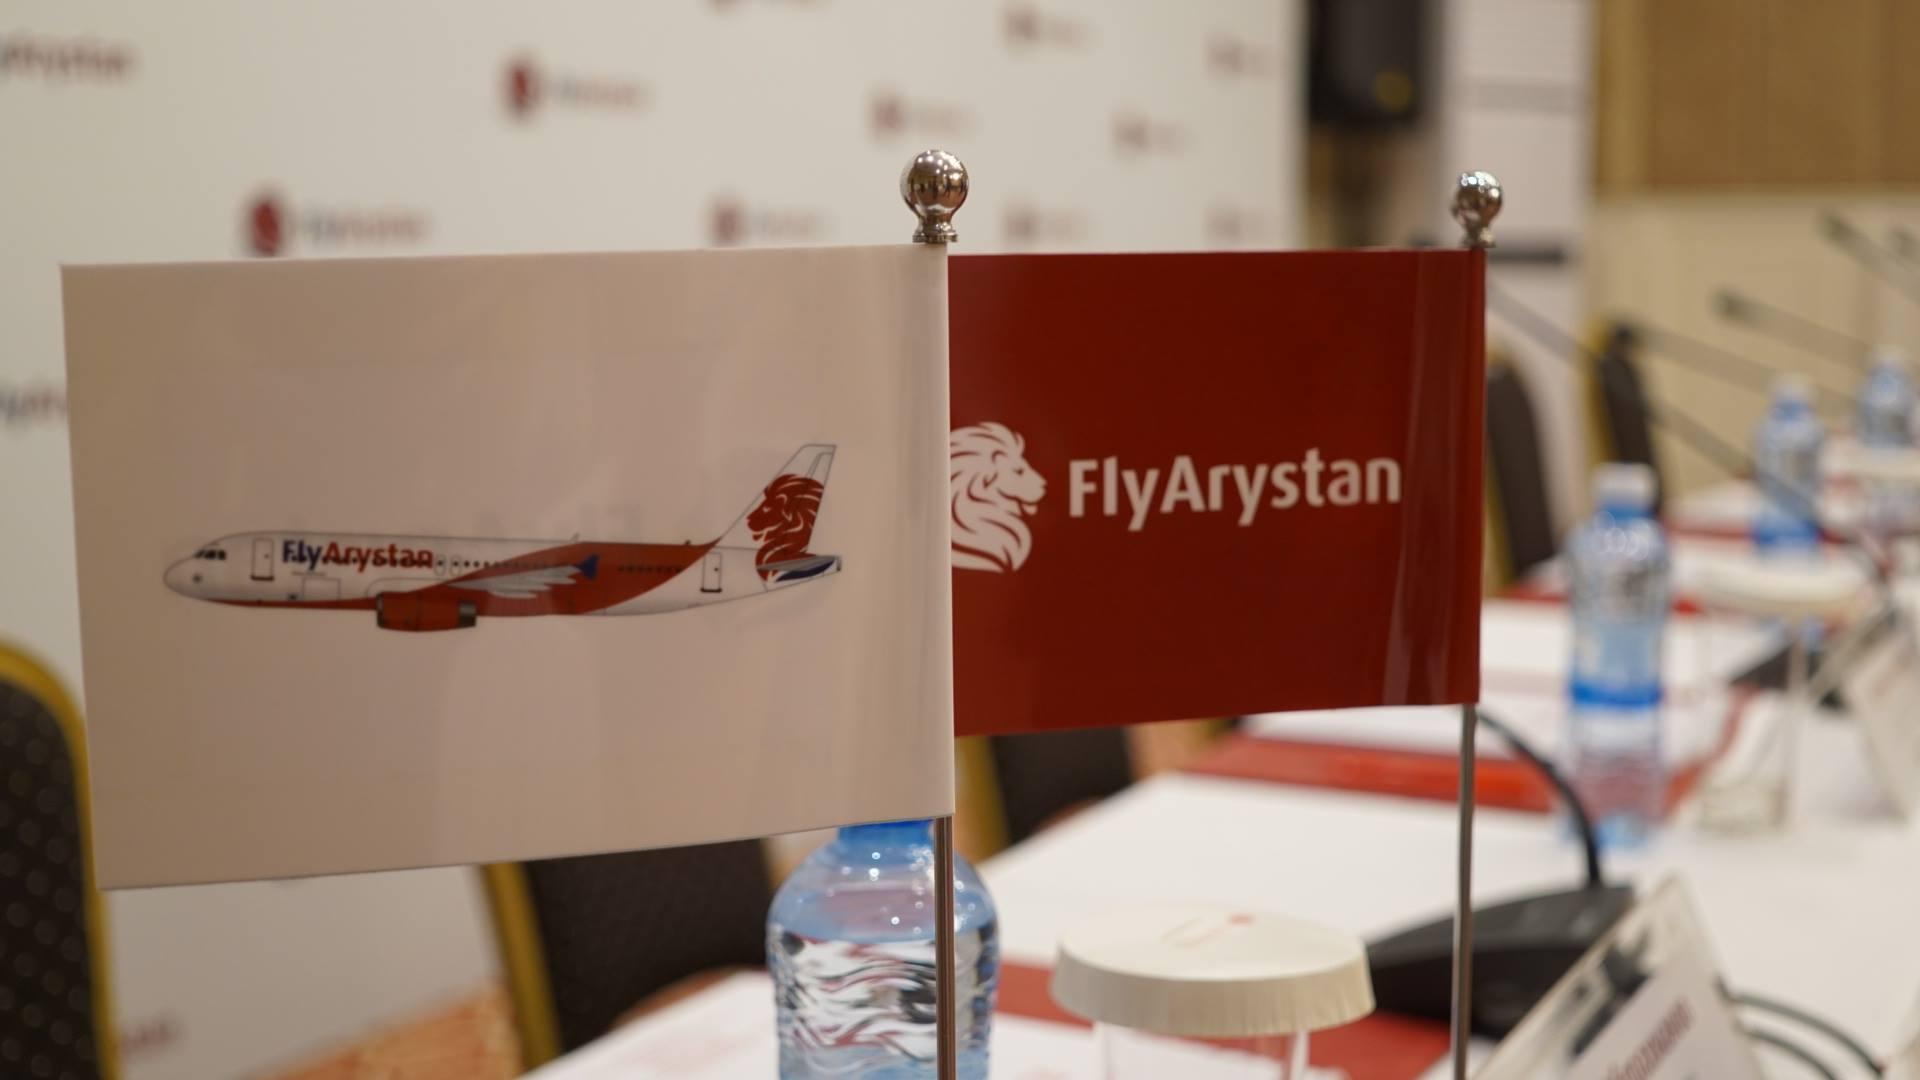 FlyArystan exploitera initialement 4 avions et comptera une flotte d'au moins 15 appareils d'ici 2022 - DR Facebook